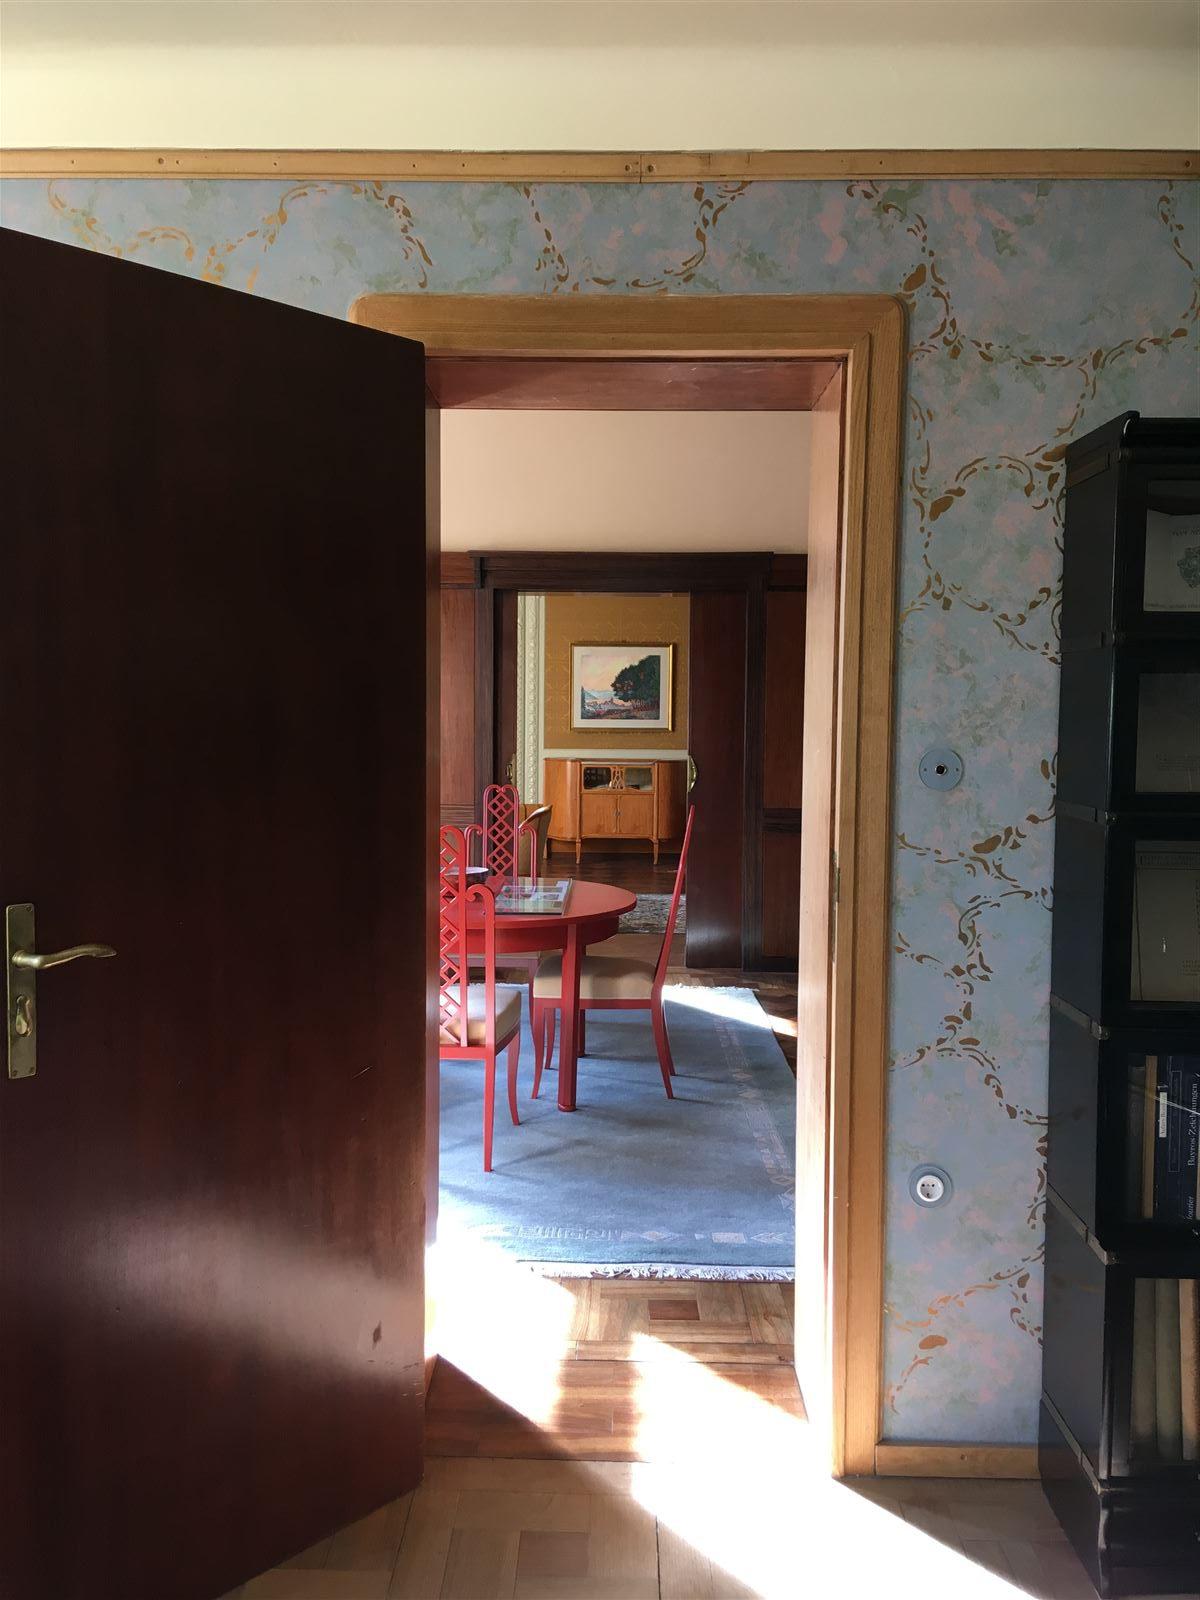 Ausflug - Gera - Haus Schulenburg